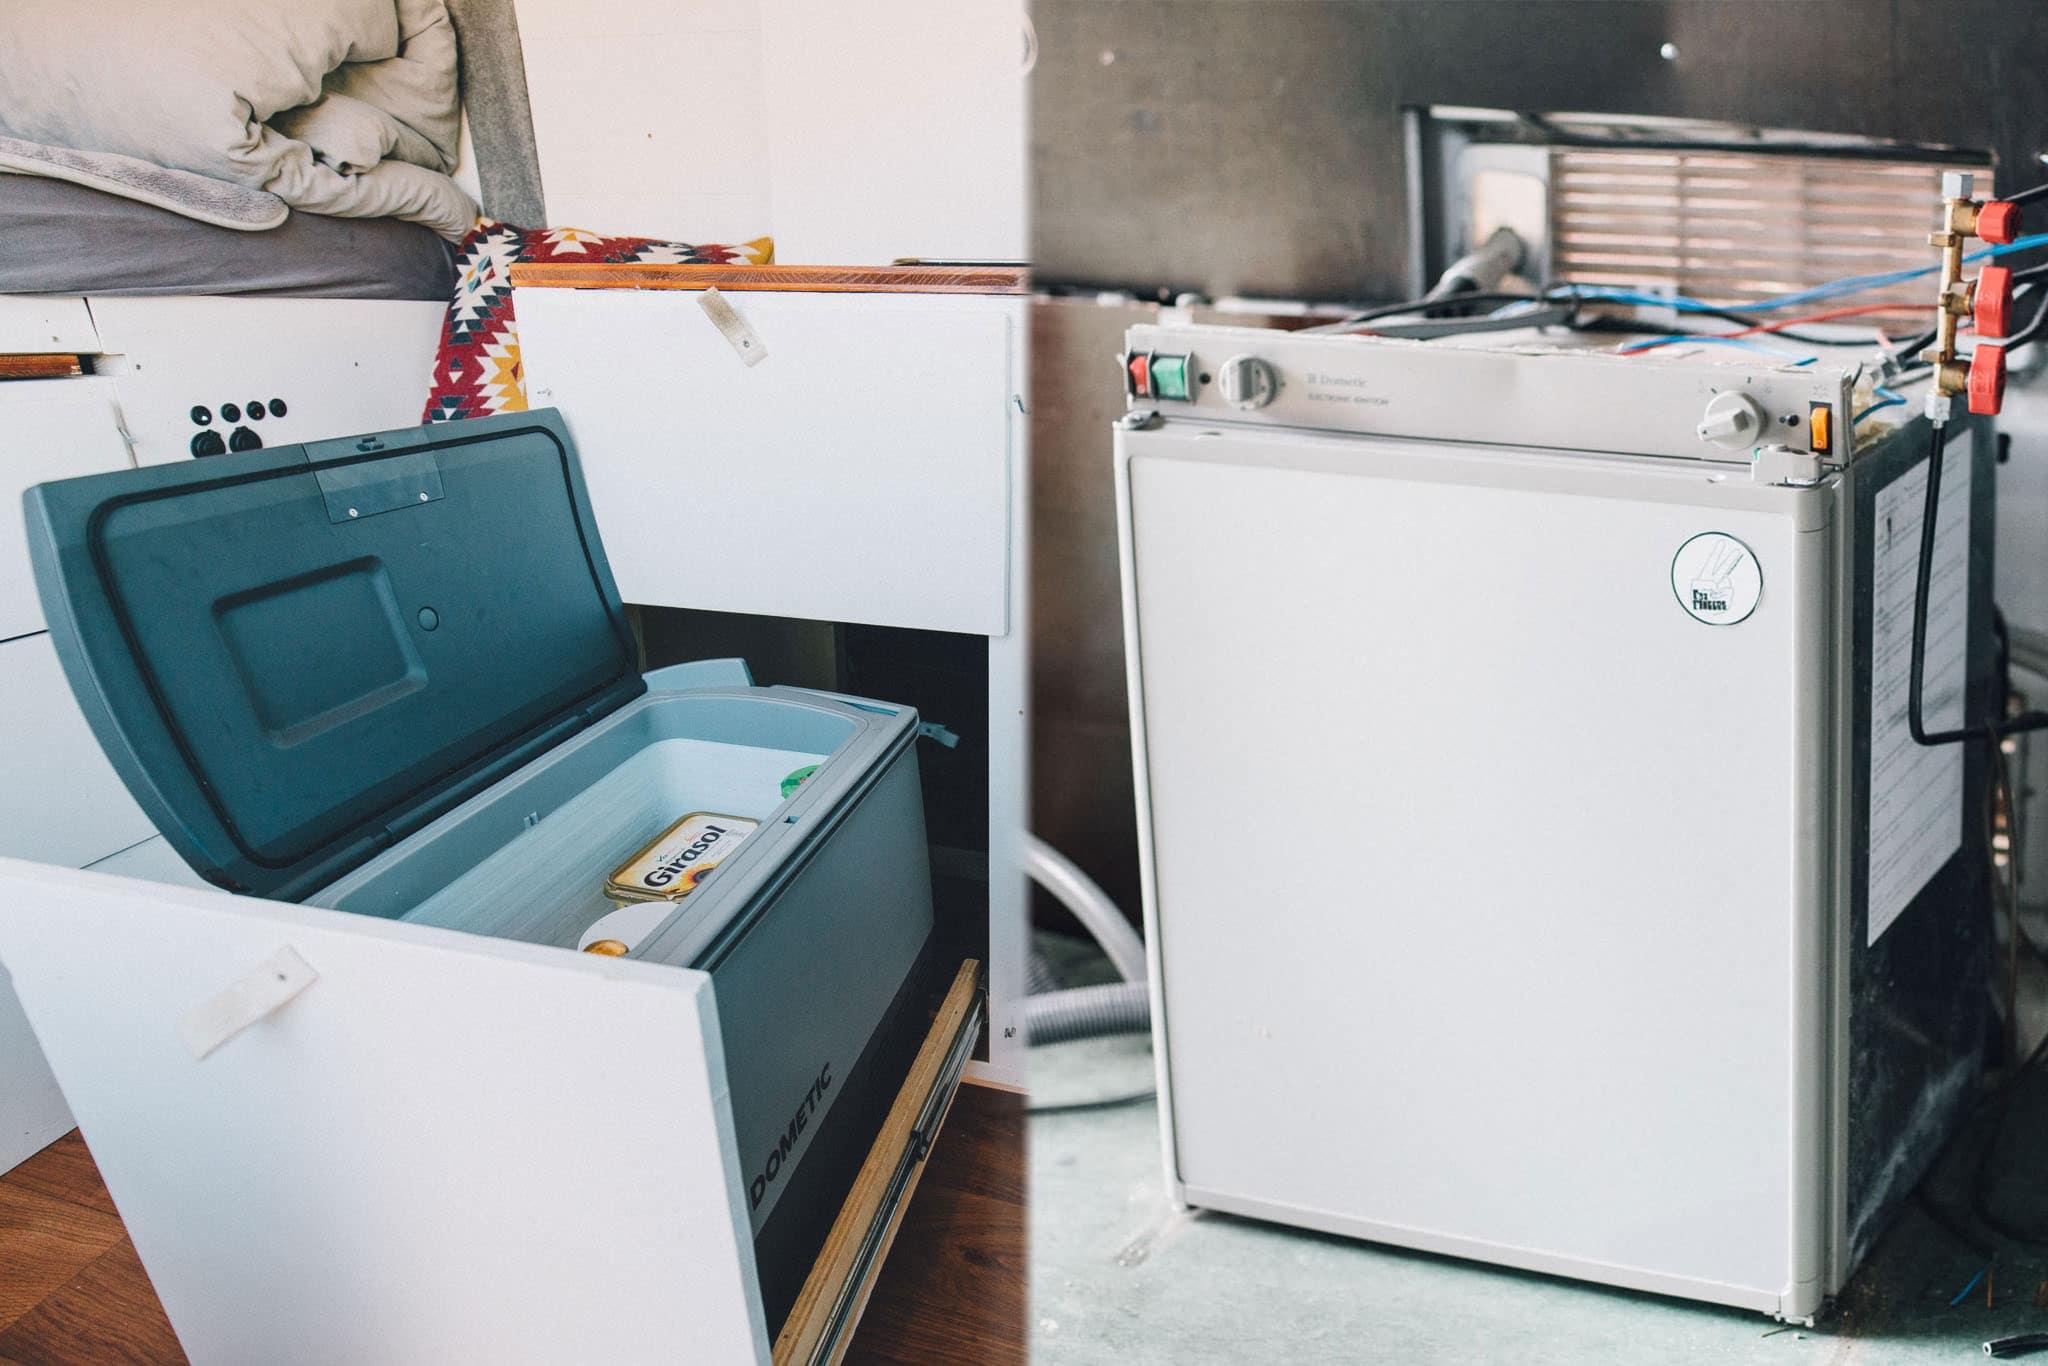 Kühlschrank fürs Wohnmobil: Kompressor, Absorber, Gas oder Elektrik?